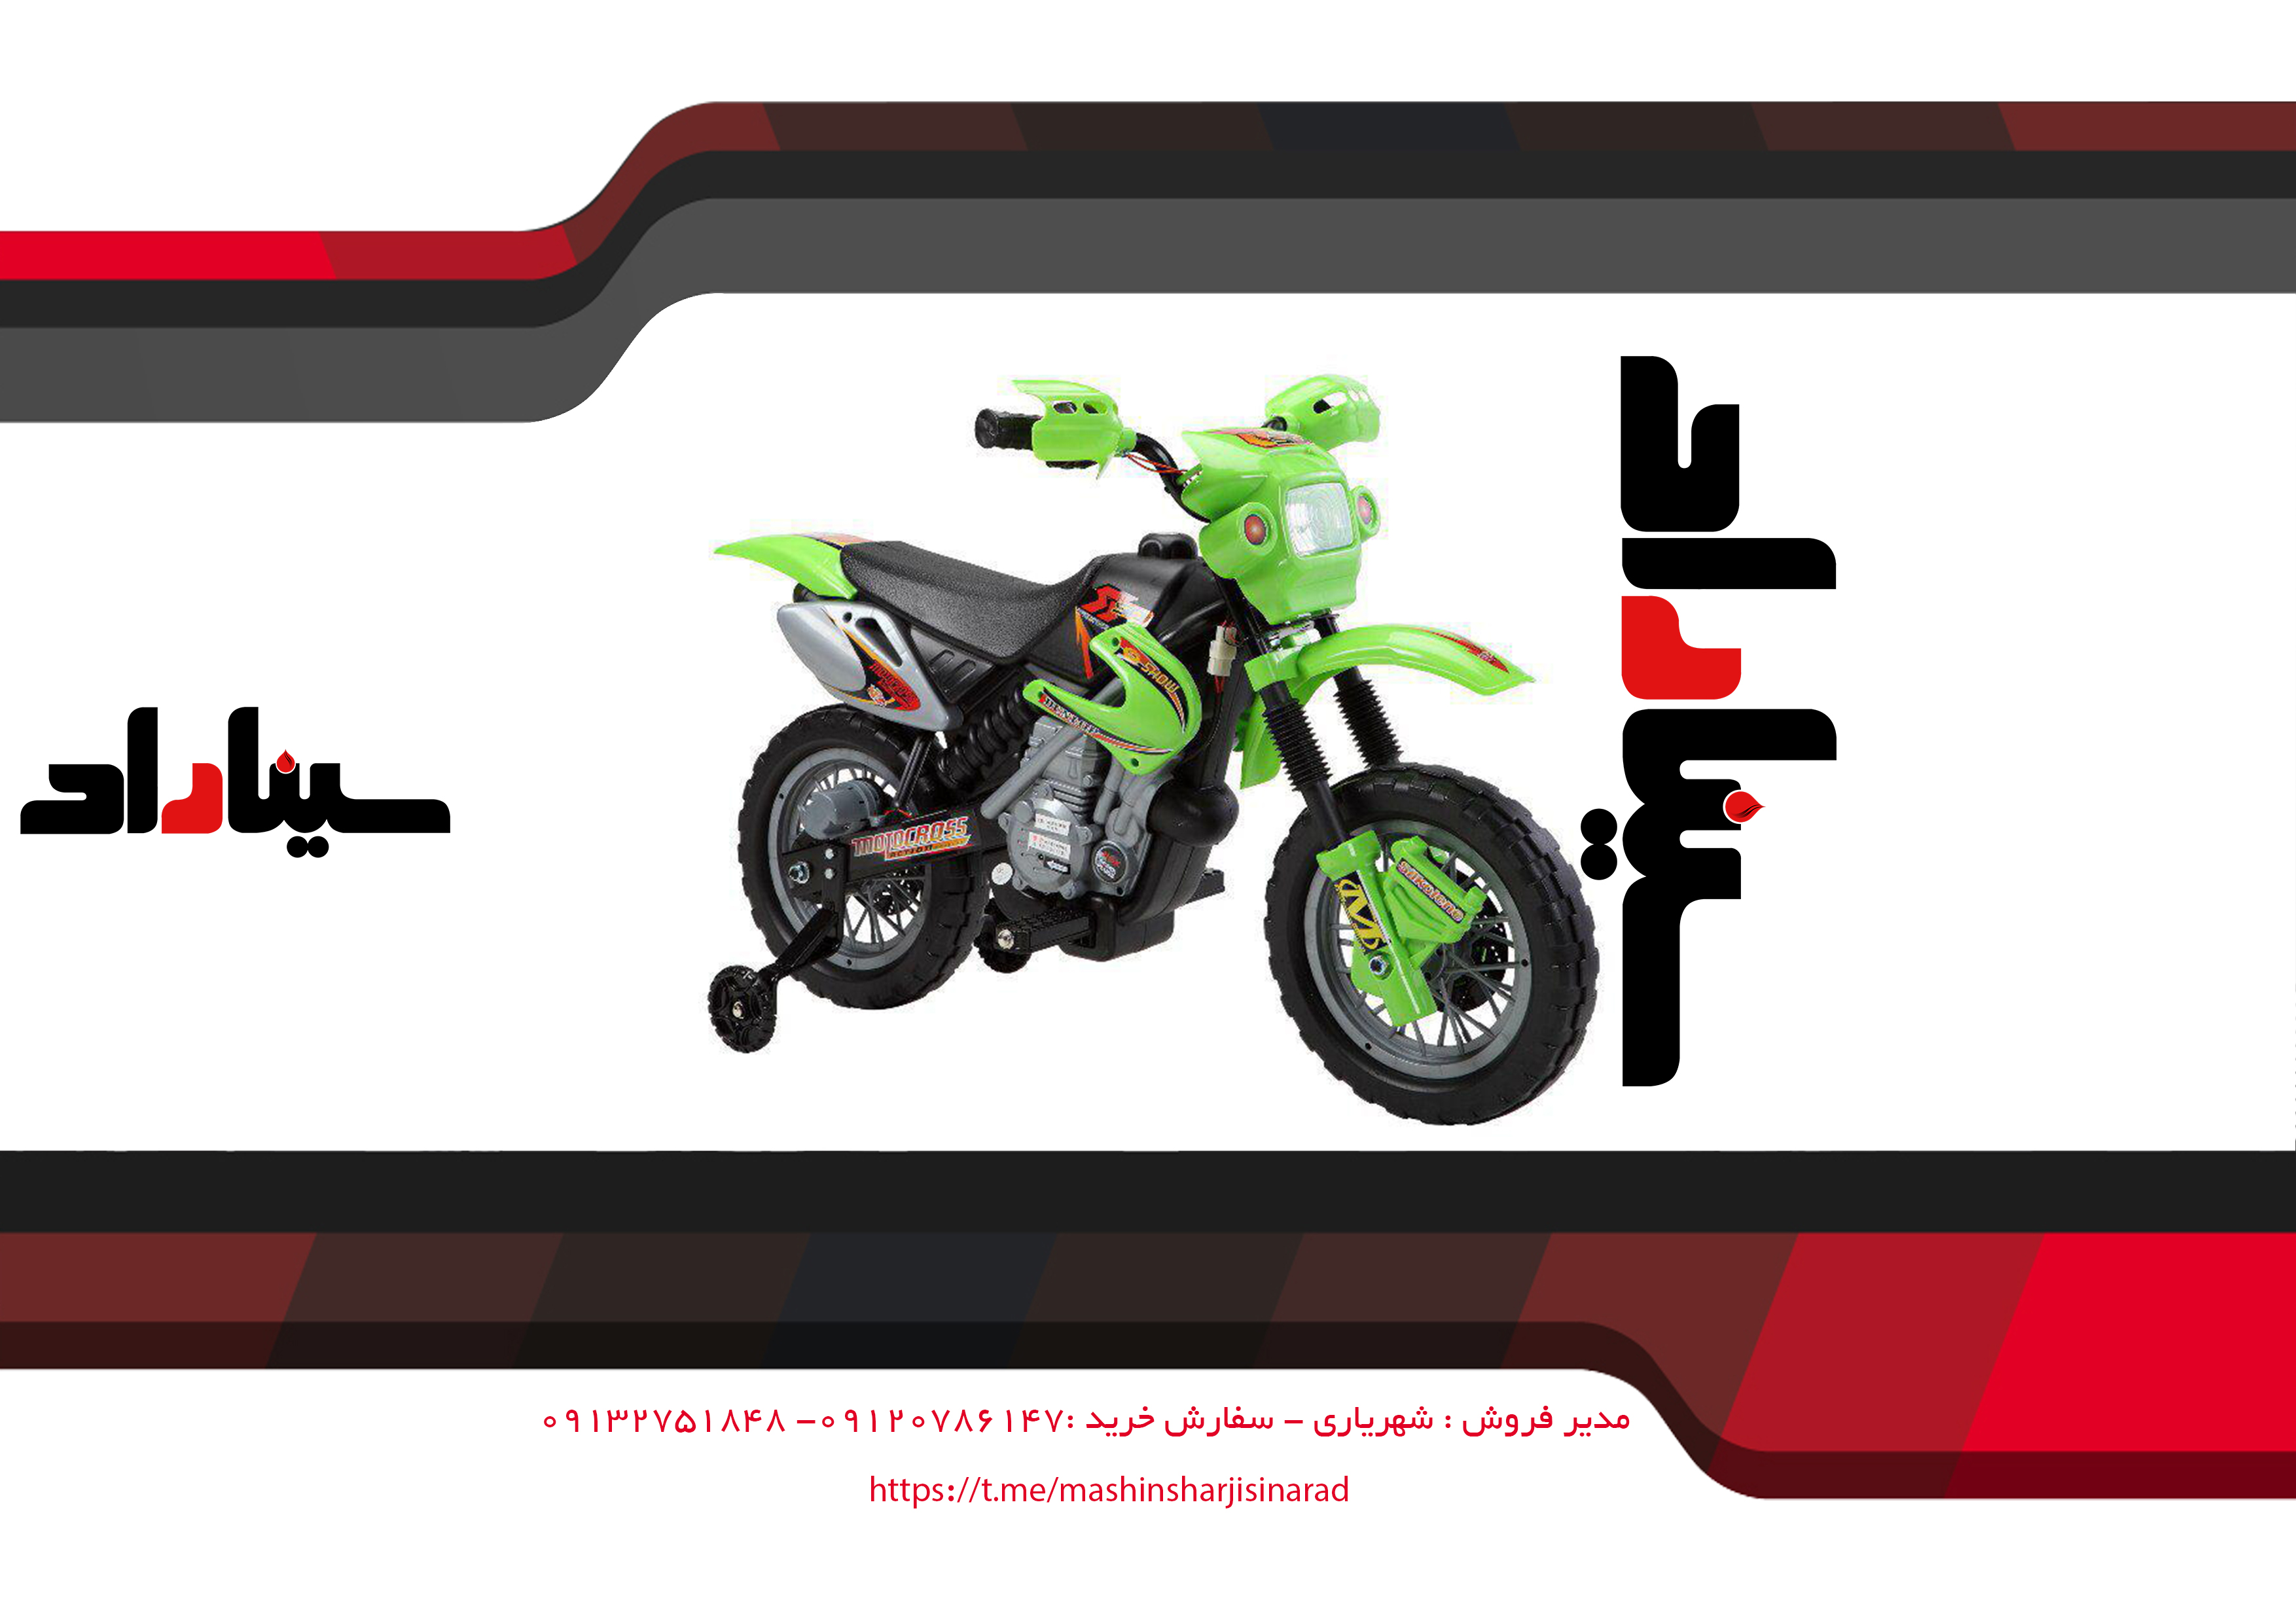 واردات جزئی موتور شارژی چهار چرخ